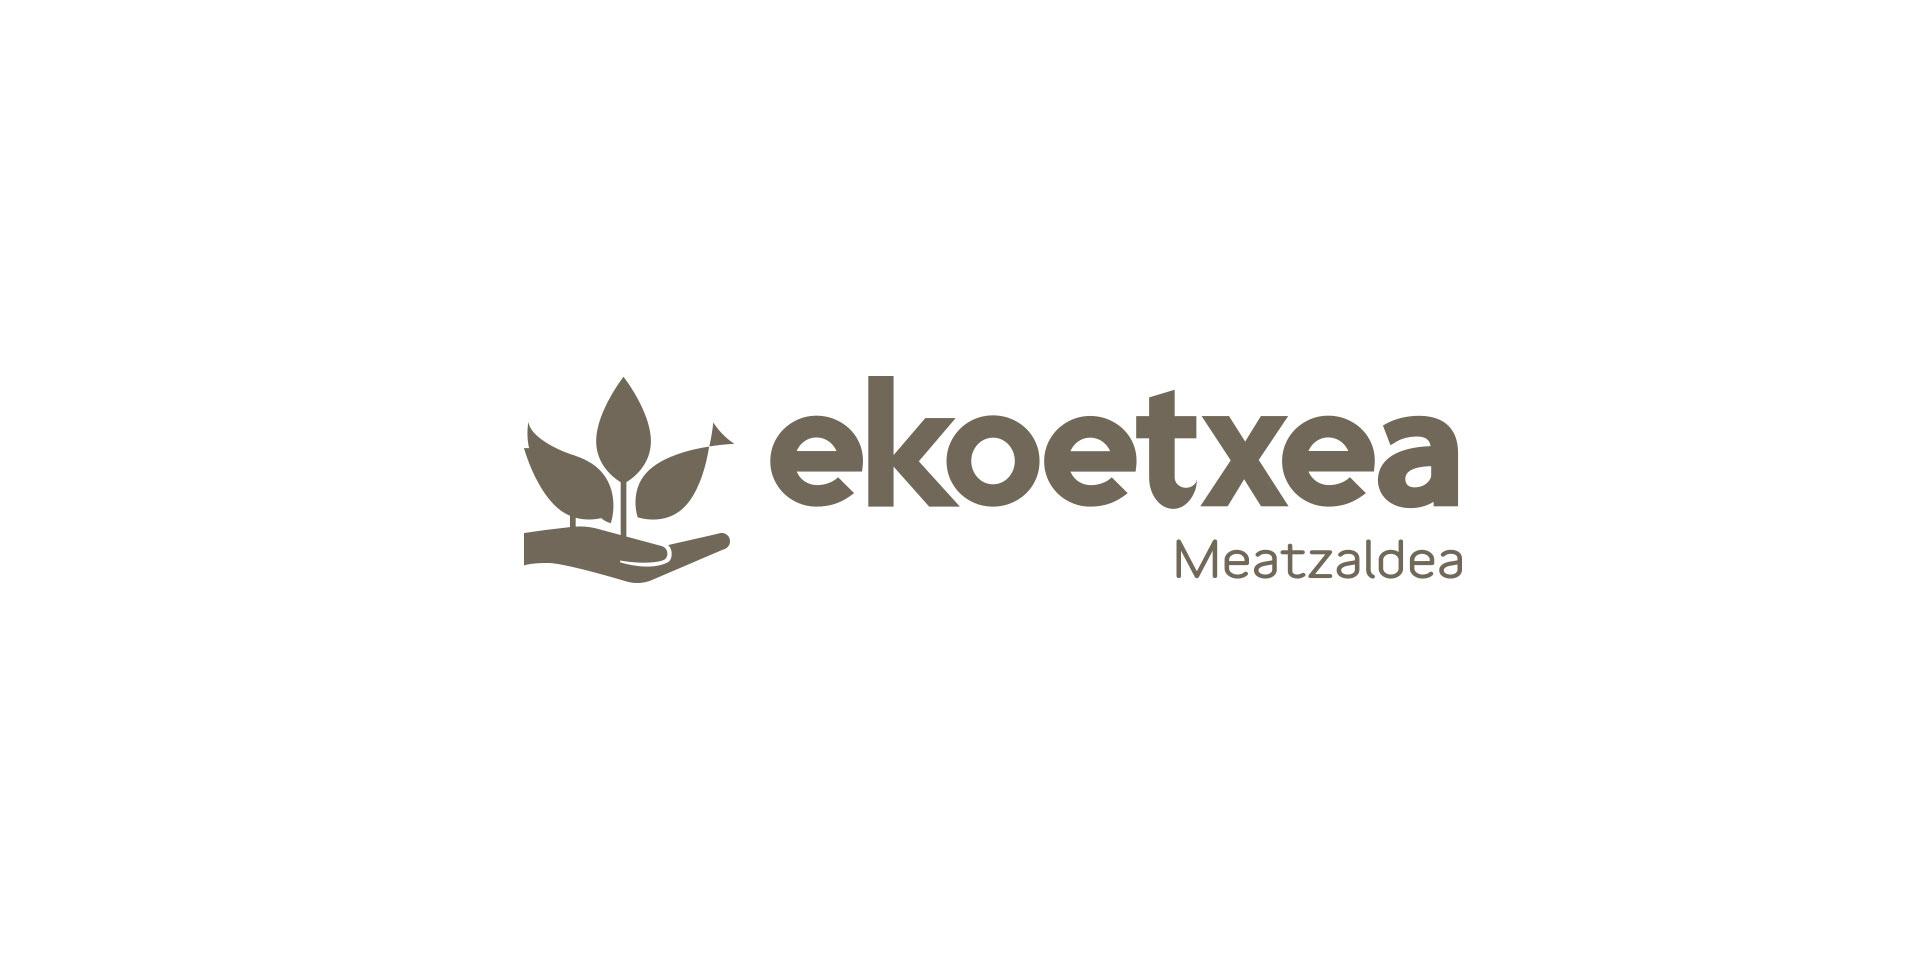 Diseño y Ejecución Exposición Ekoetxea Meatzaldea